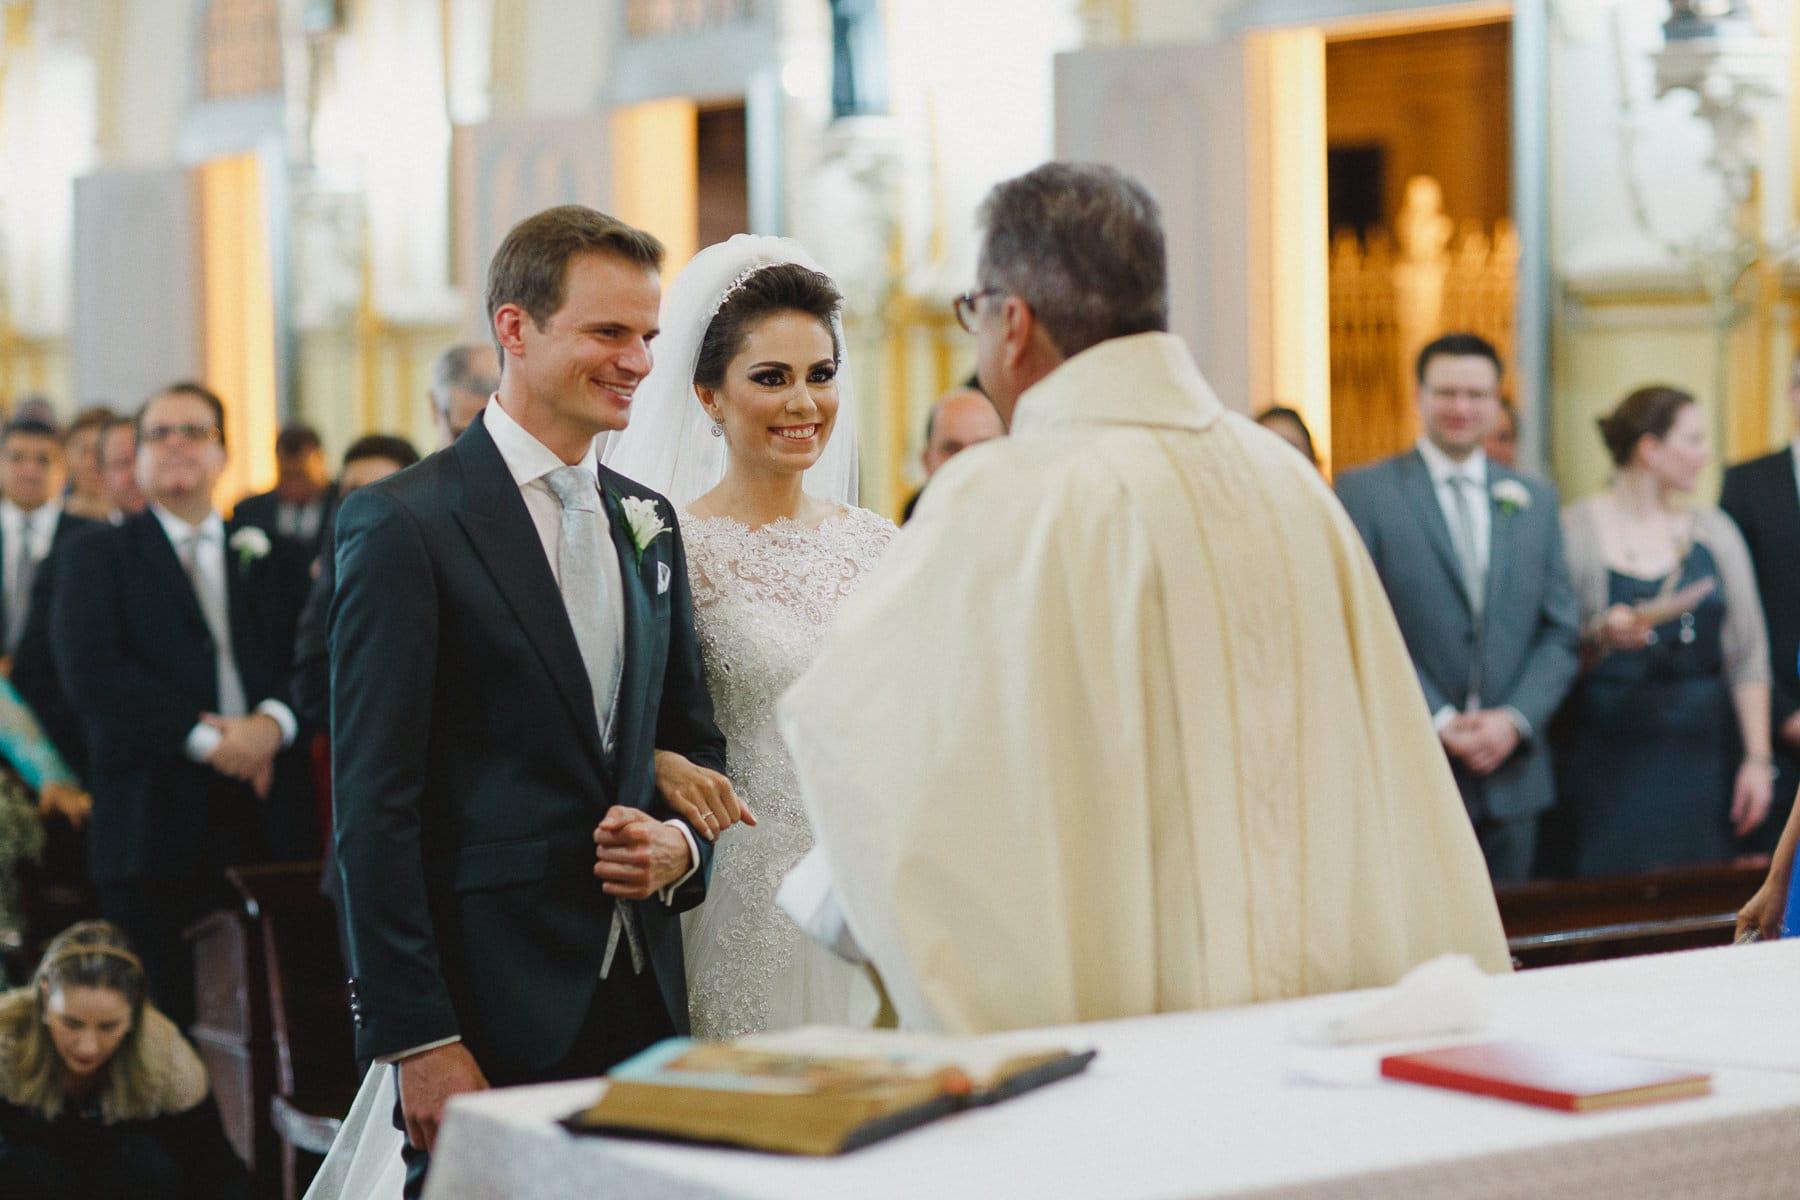 casamento-igreja-do-pequeno-grande-22